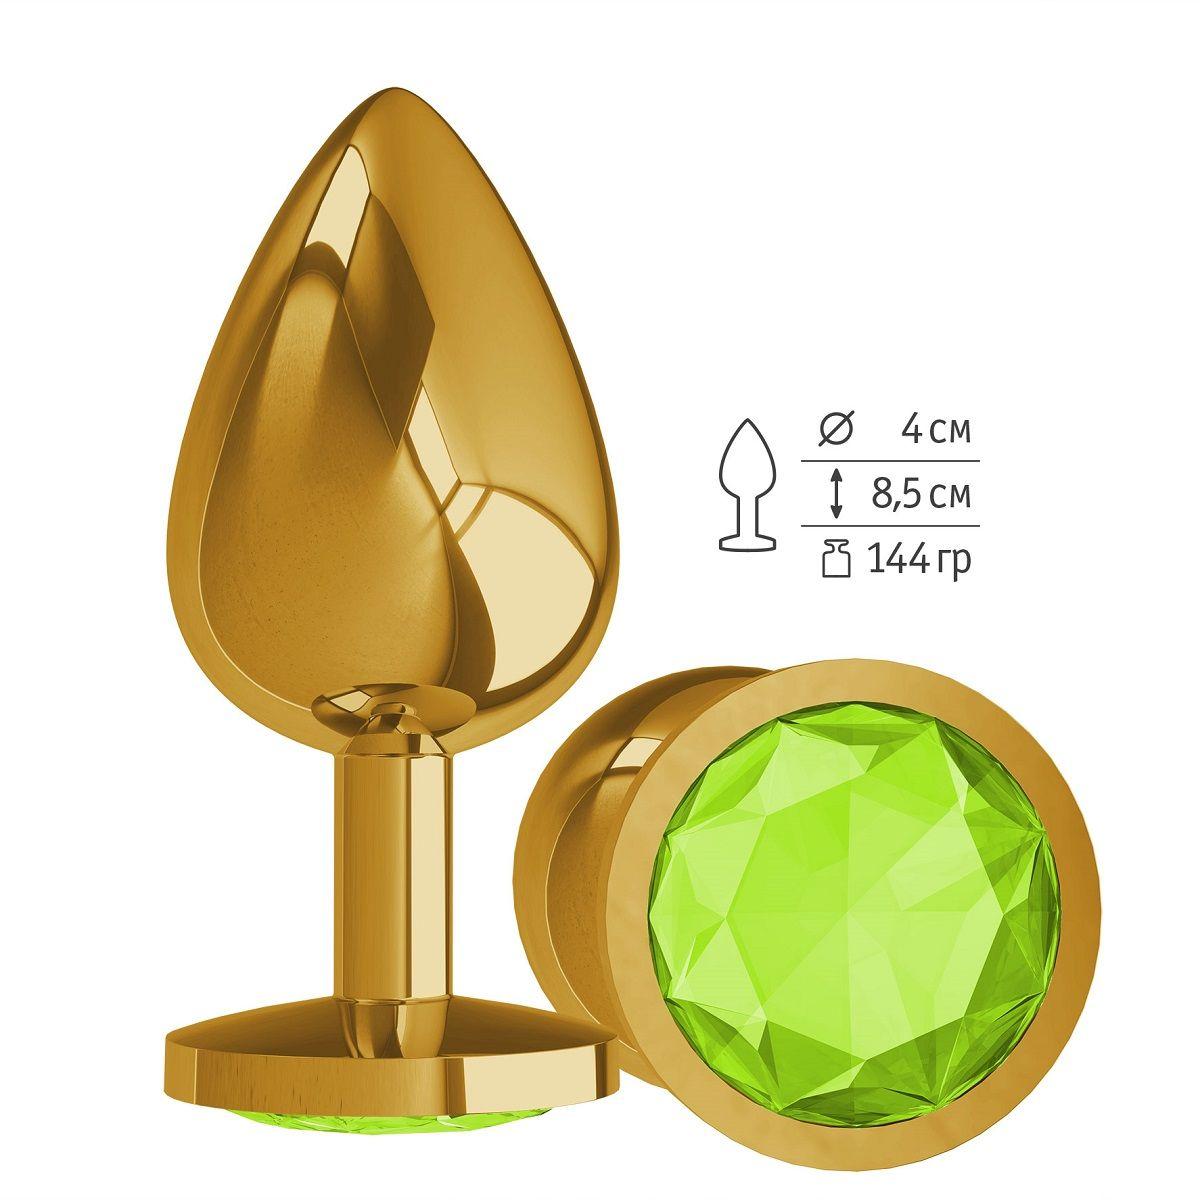 Золотистая большая анальная пробка с лаймовым кристаллом - 9,5 см. - фото 154239